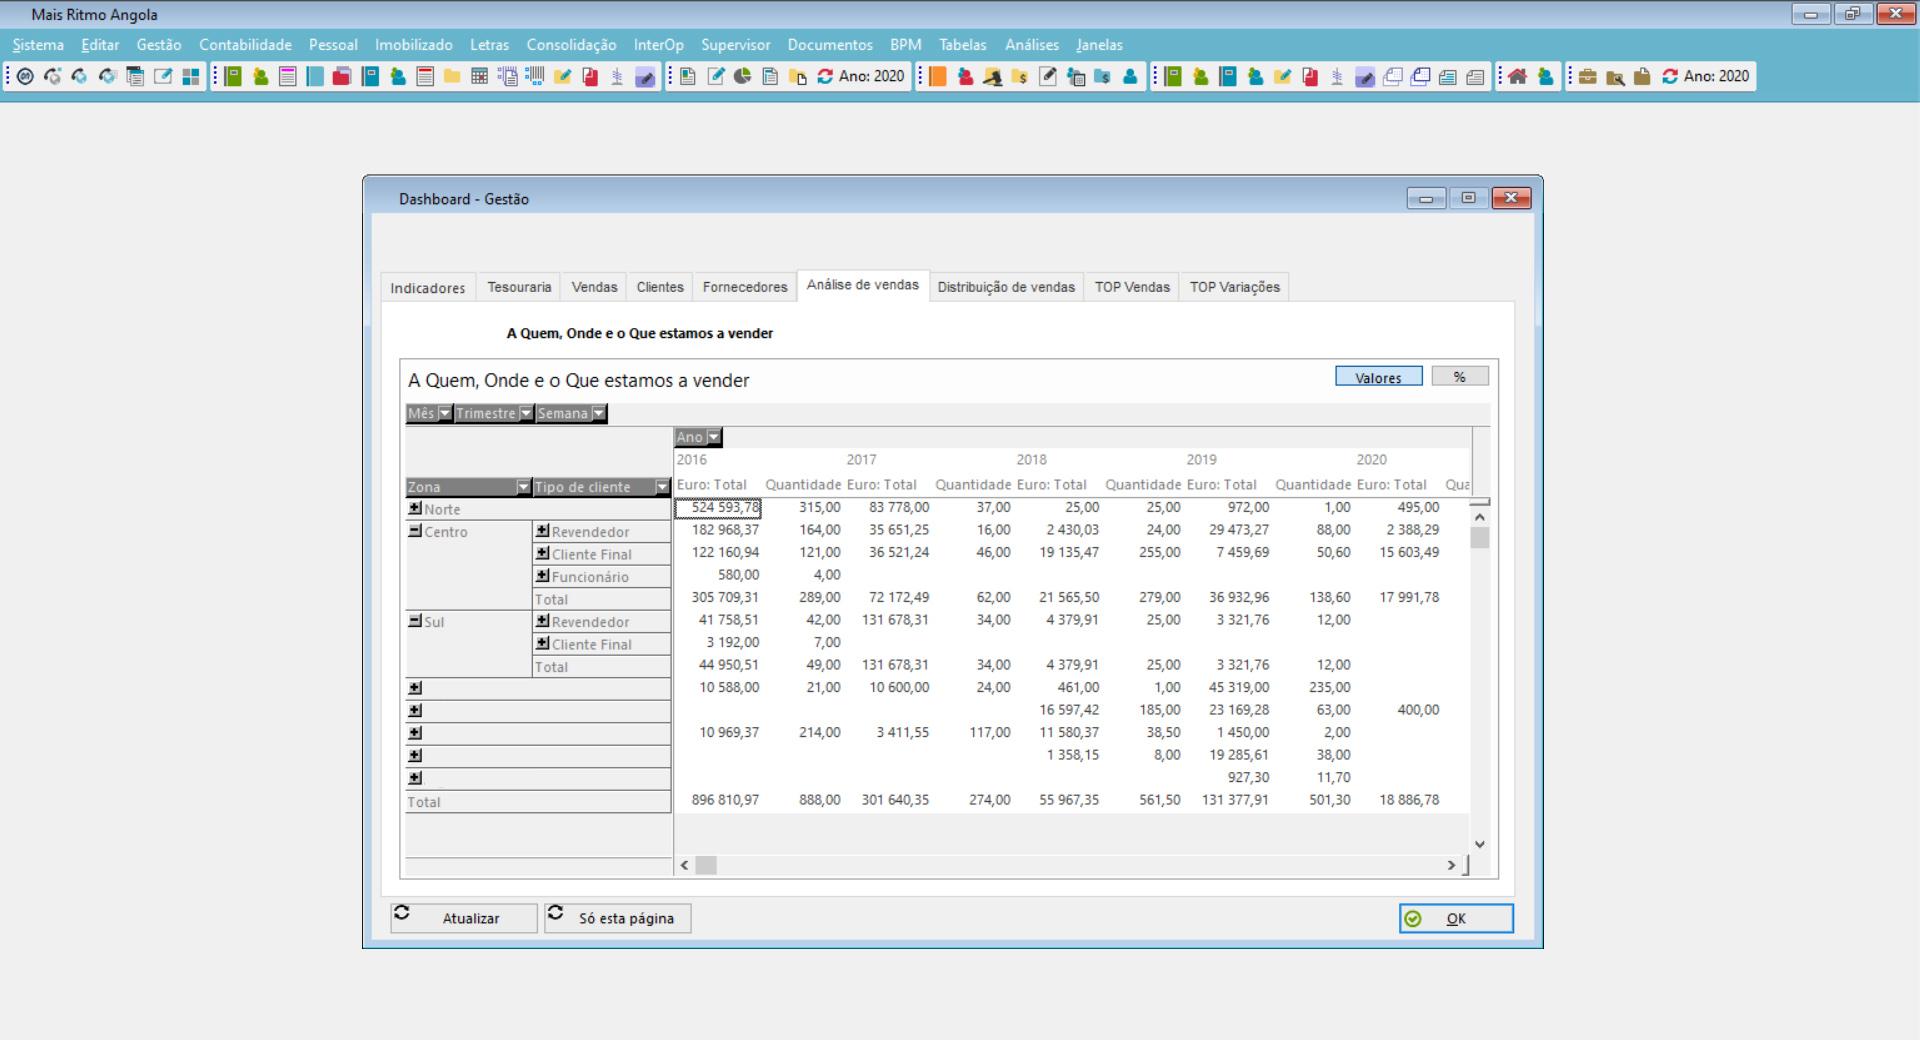 dashboard de indicadores e métricas de gestão